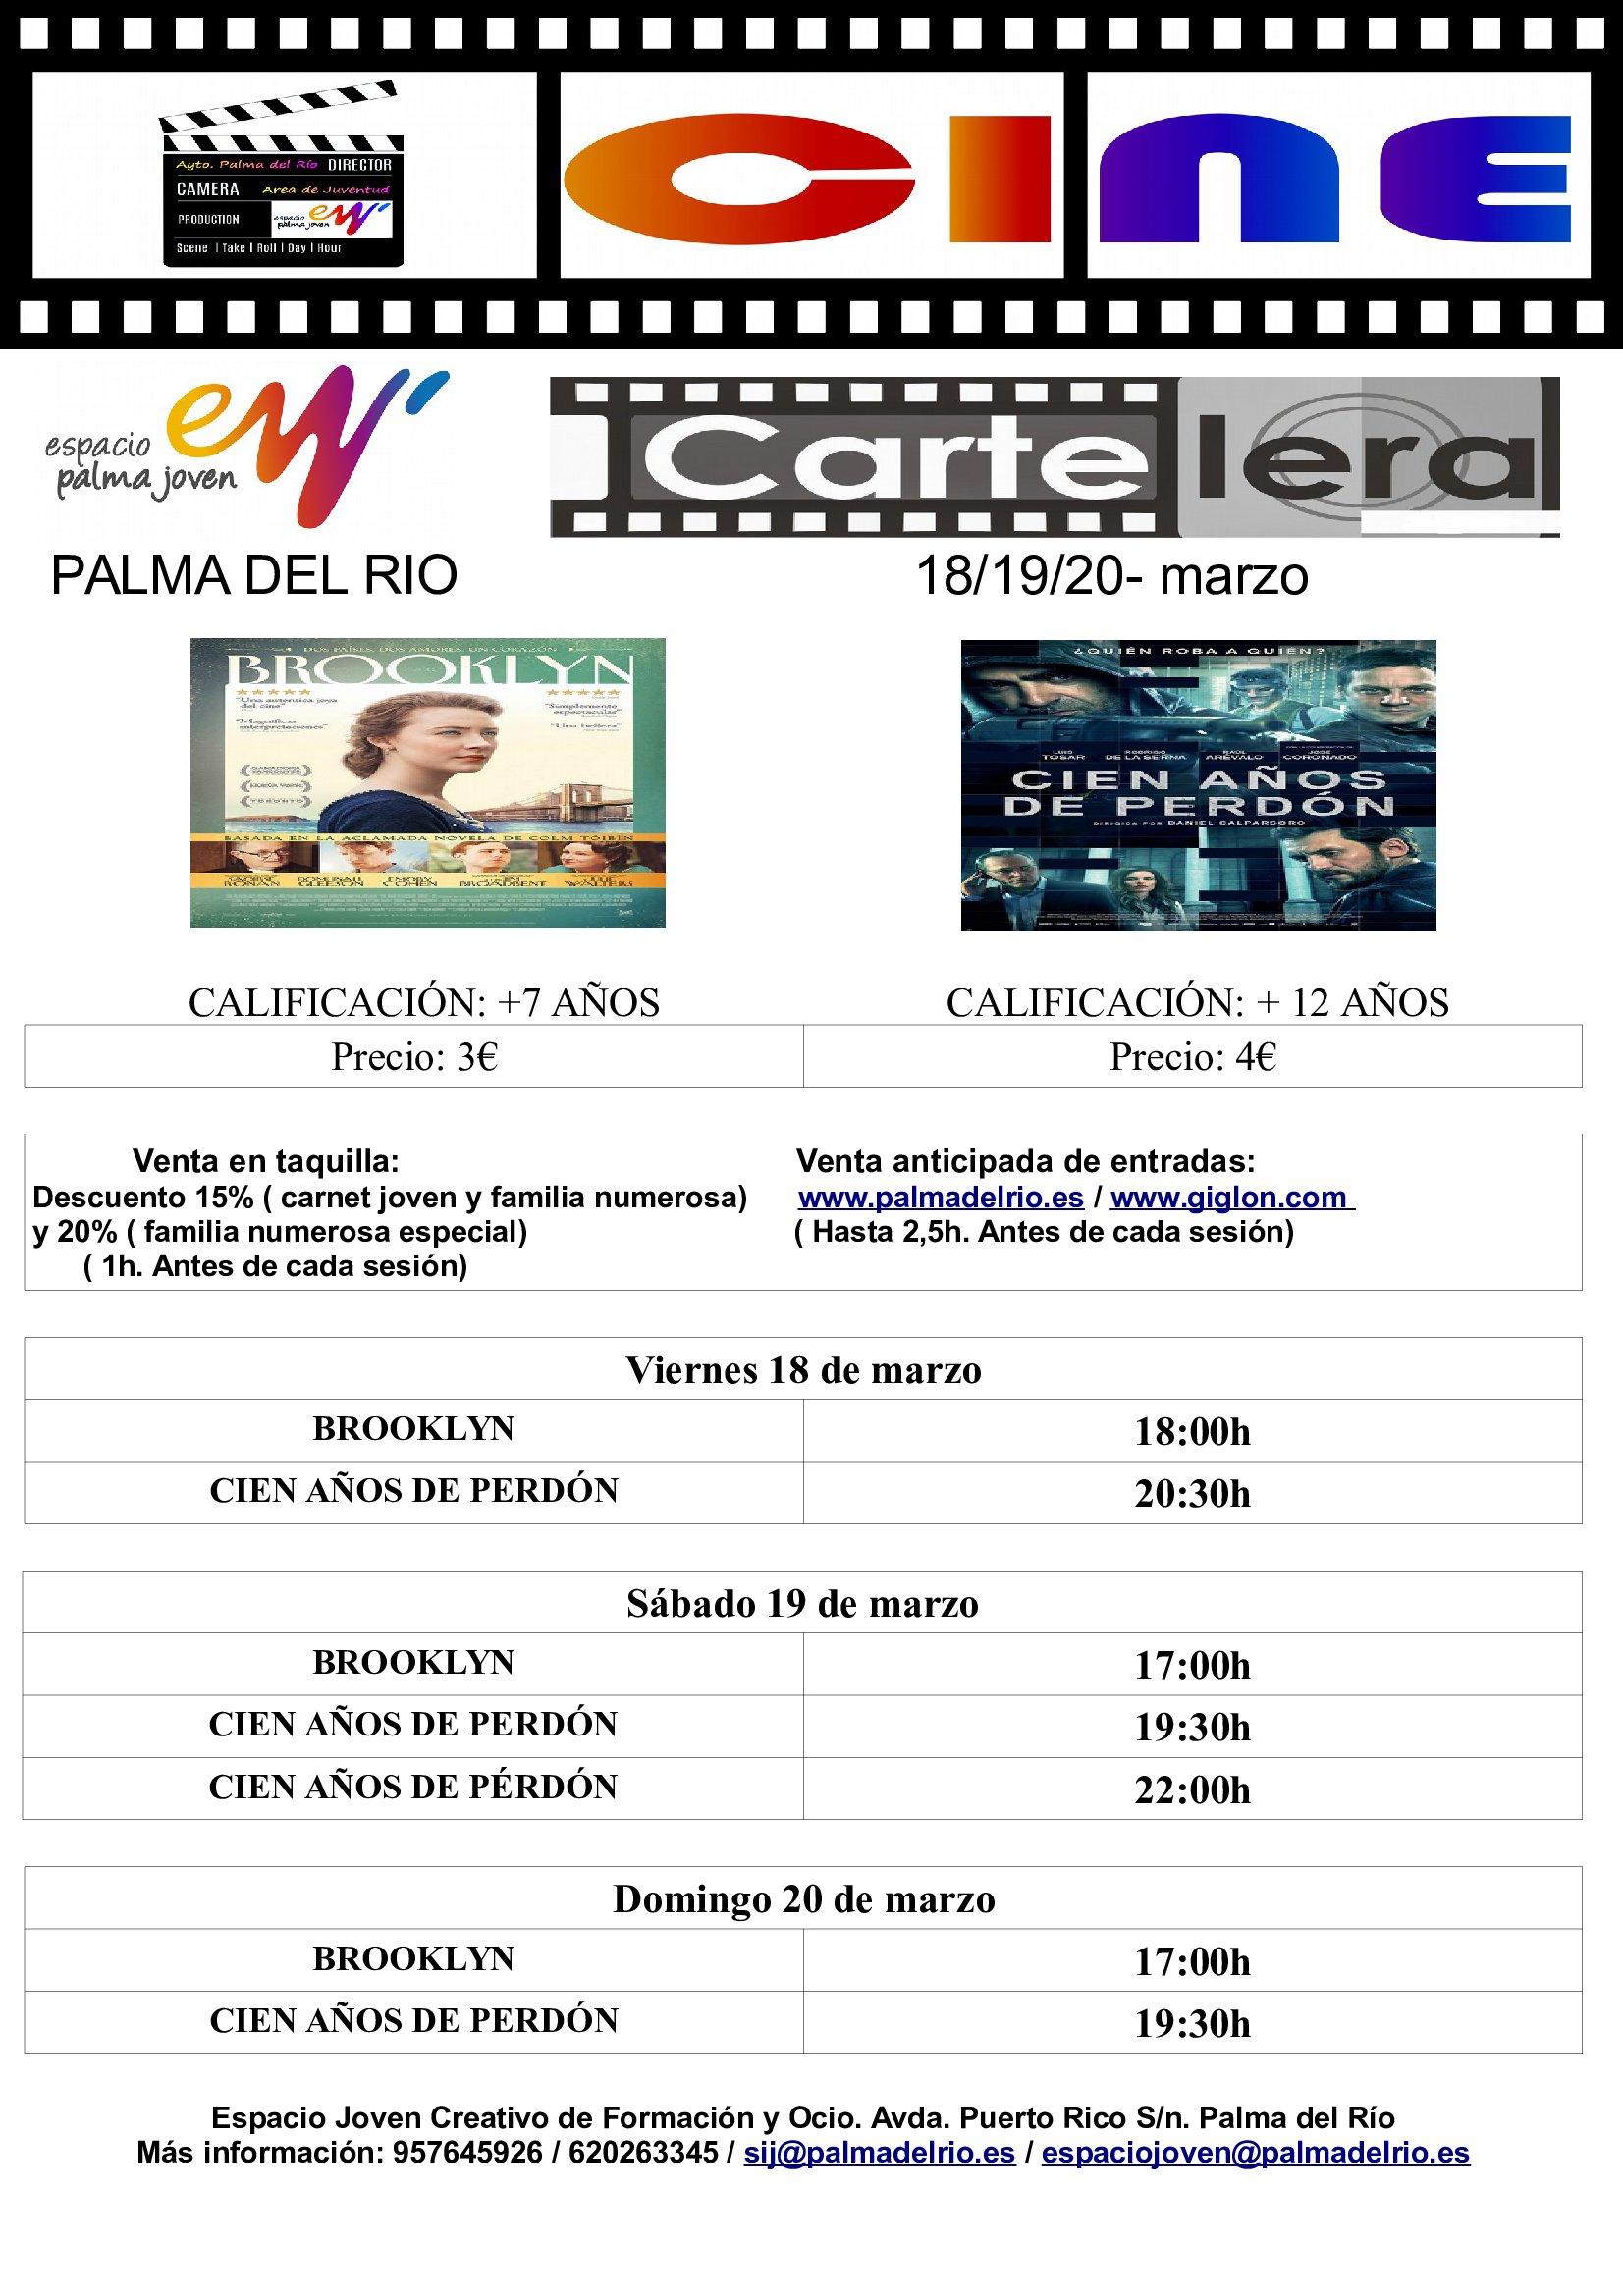 https://www.palmadelrio.es/sites/default/files/del_18_al_20_de_marzo.jpg